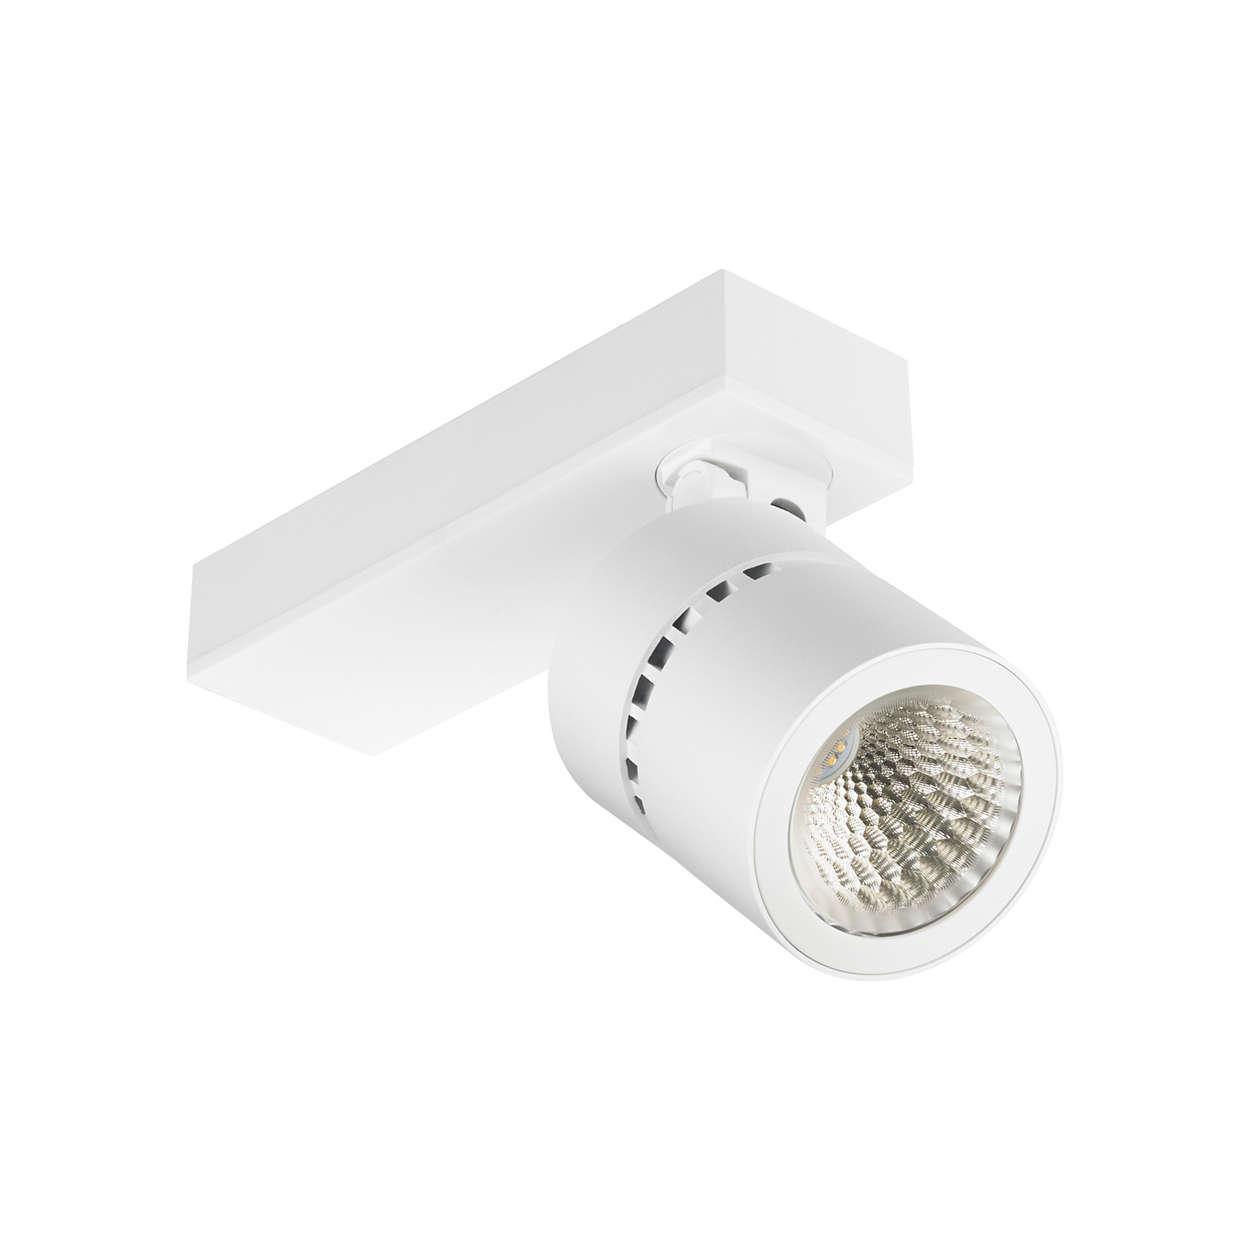 StyliD PremiumWhite - Il connubio ideale tra luce di qualità e risparmio energetico